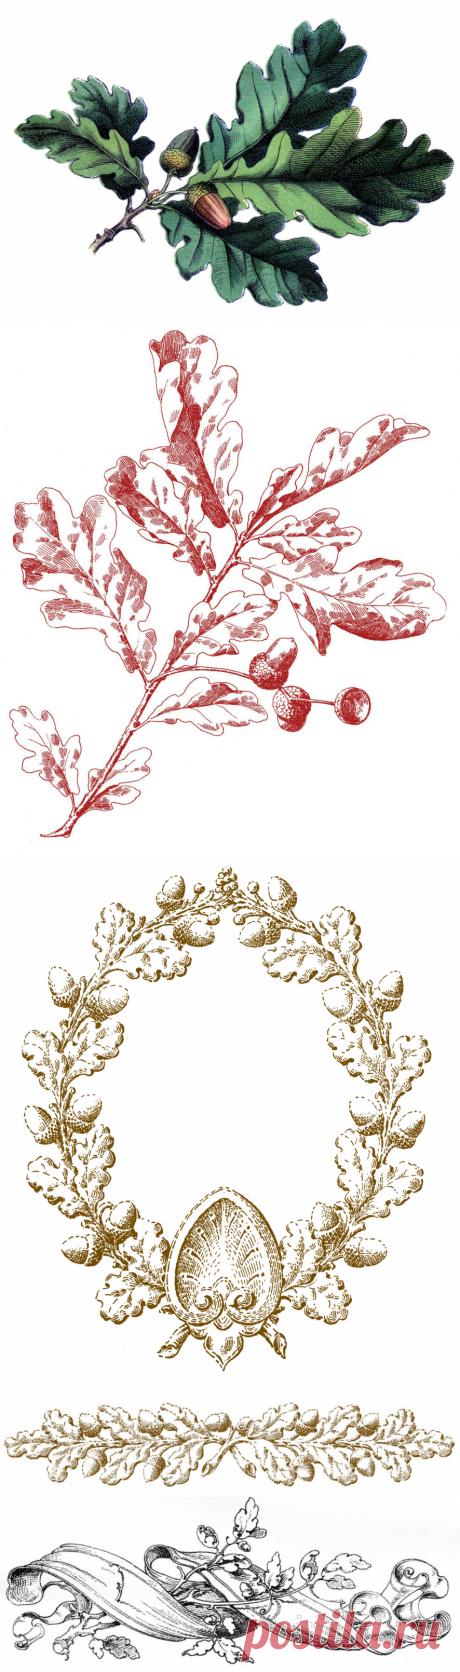 16 изображений дубовых листьев с желудями - Фея графики